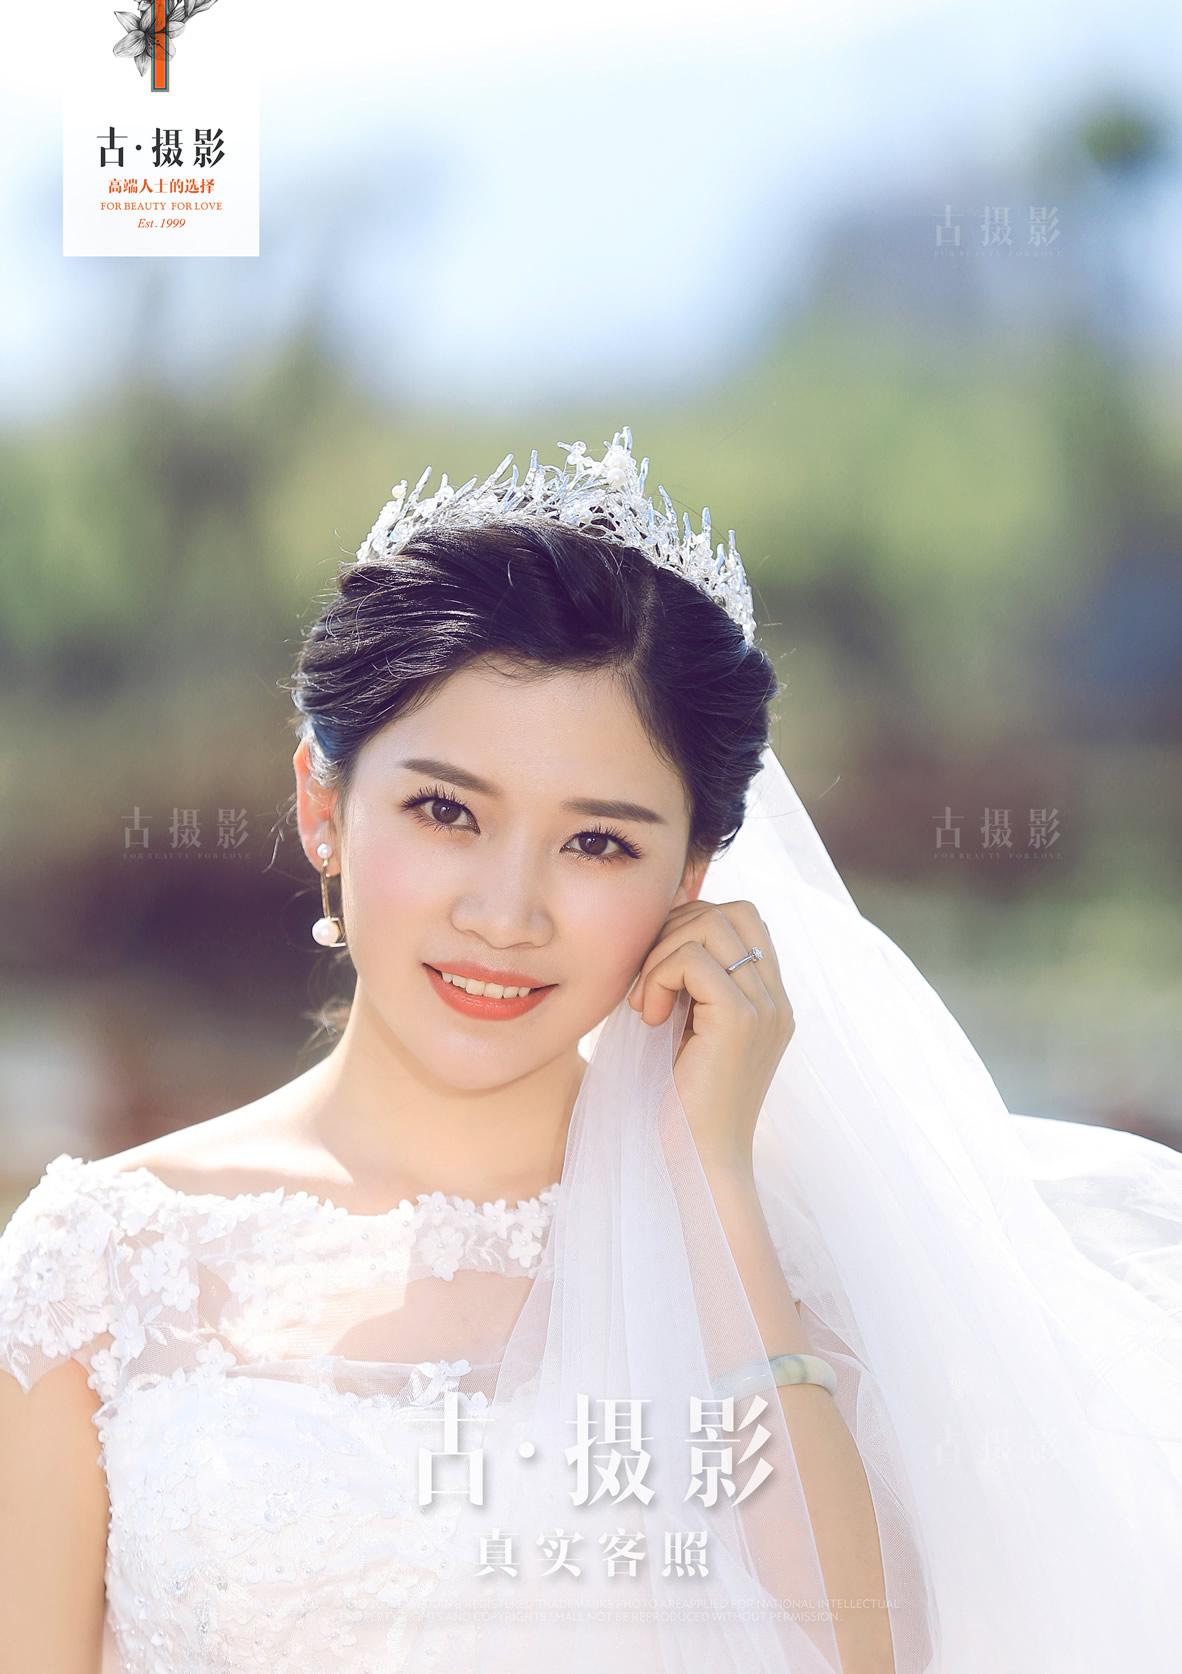 5月14日客片杨先生 张小姐 - 每日客照 - love昆明古摄影-昆明婚纱摄影网